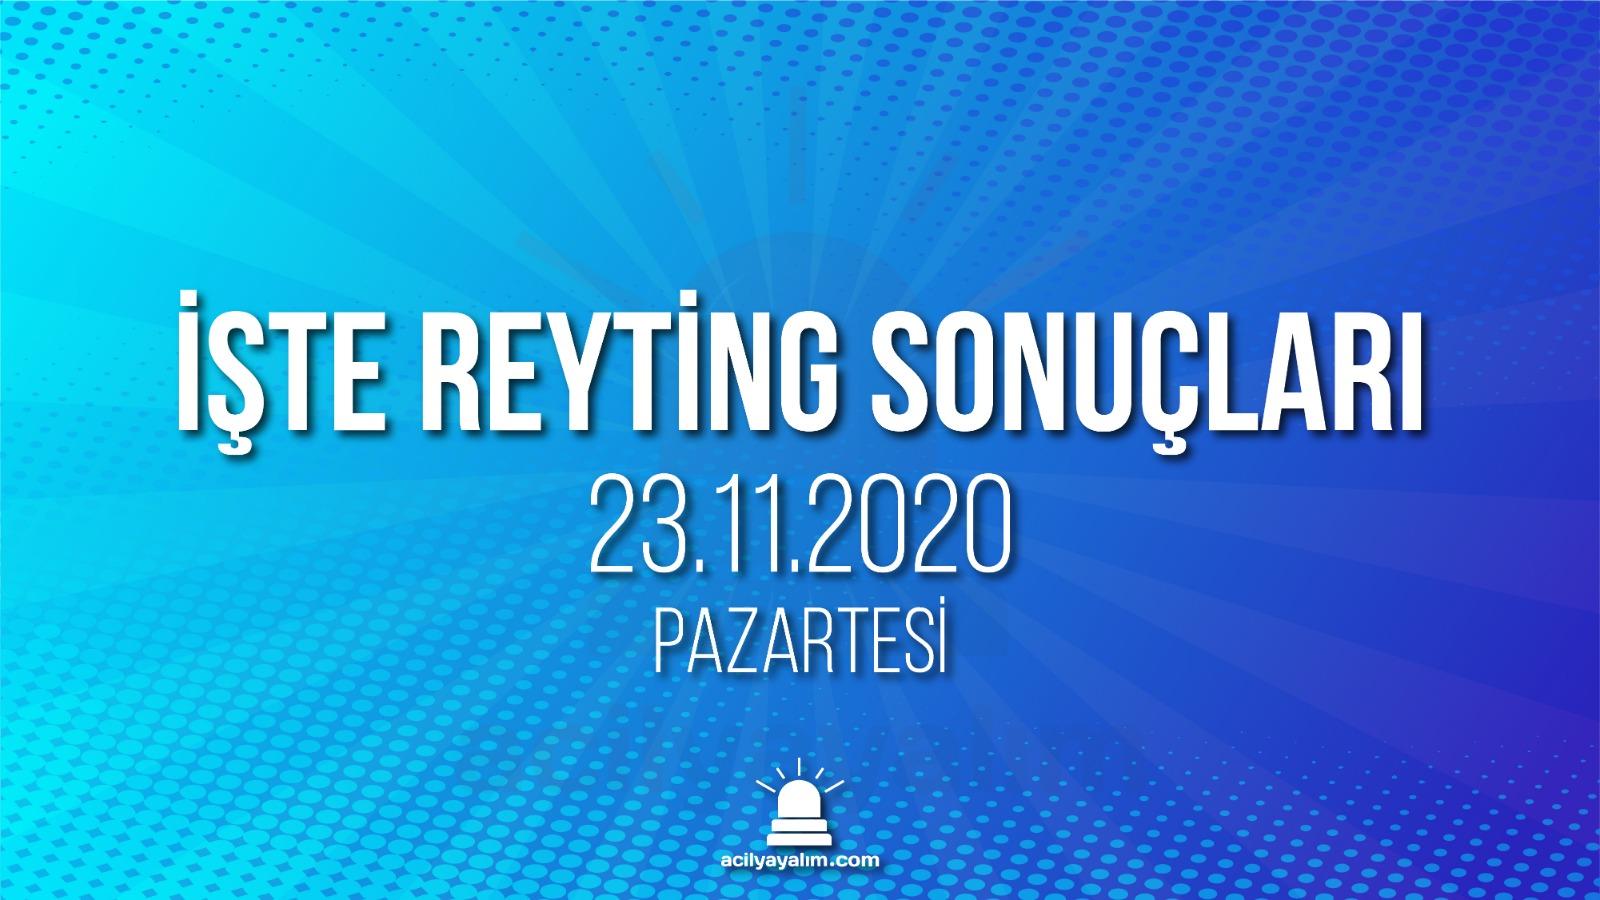 23 Kasım 2020 Pazartesi reyting sonuçları